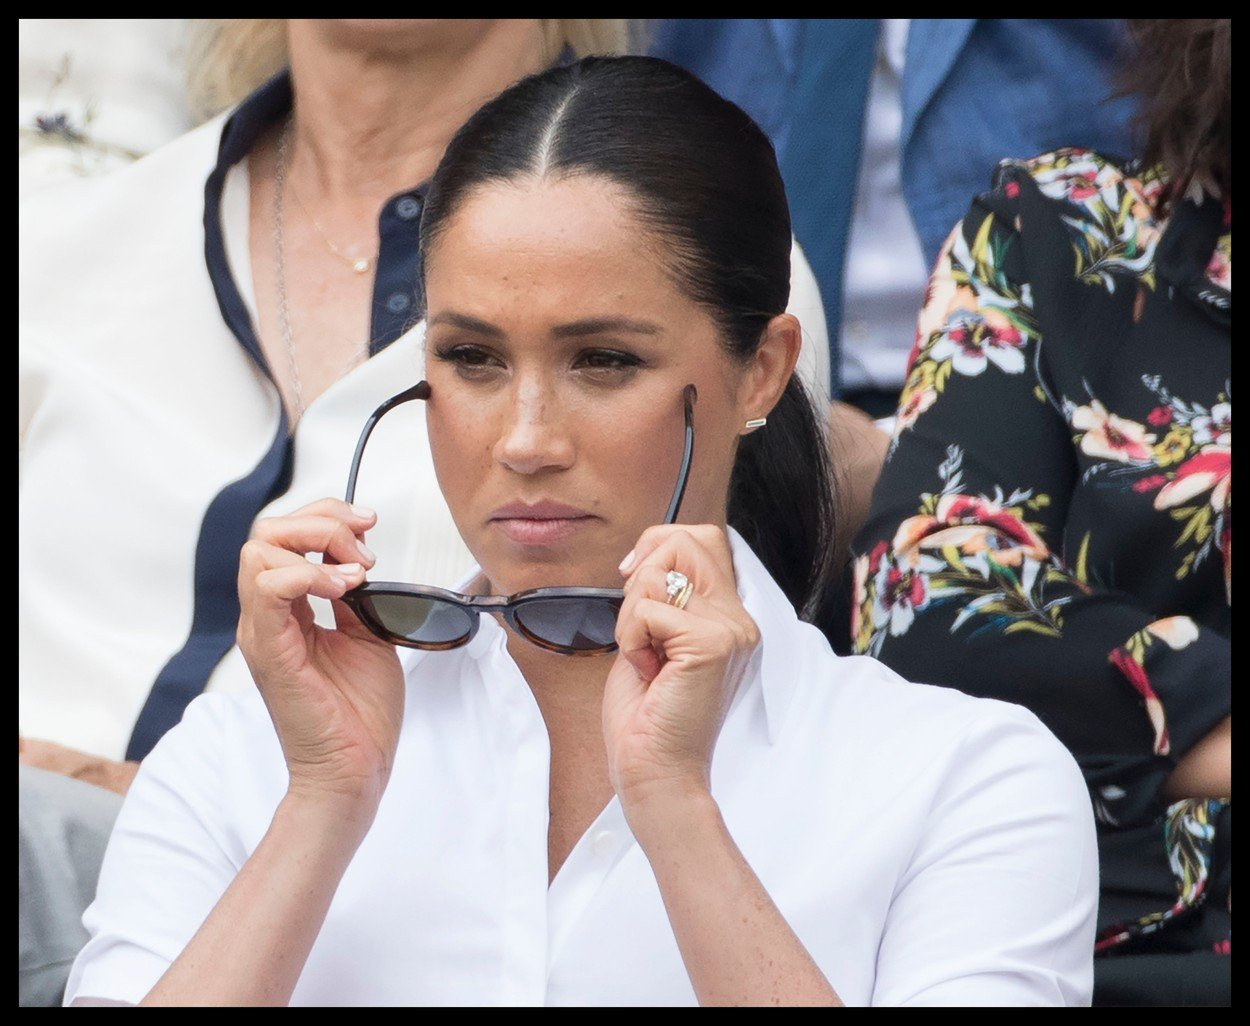 Ce pretenții uriașe a avut Meghan Markle la finala Wimbledon 2019